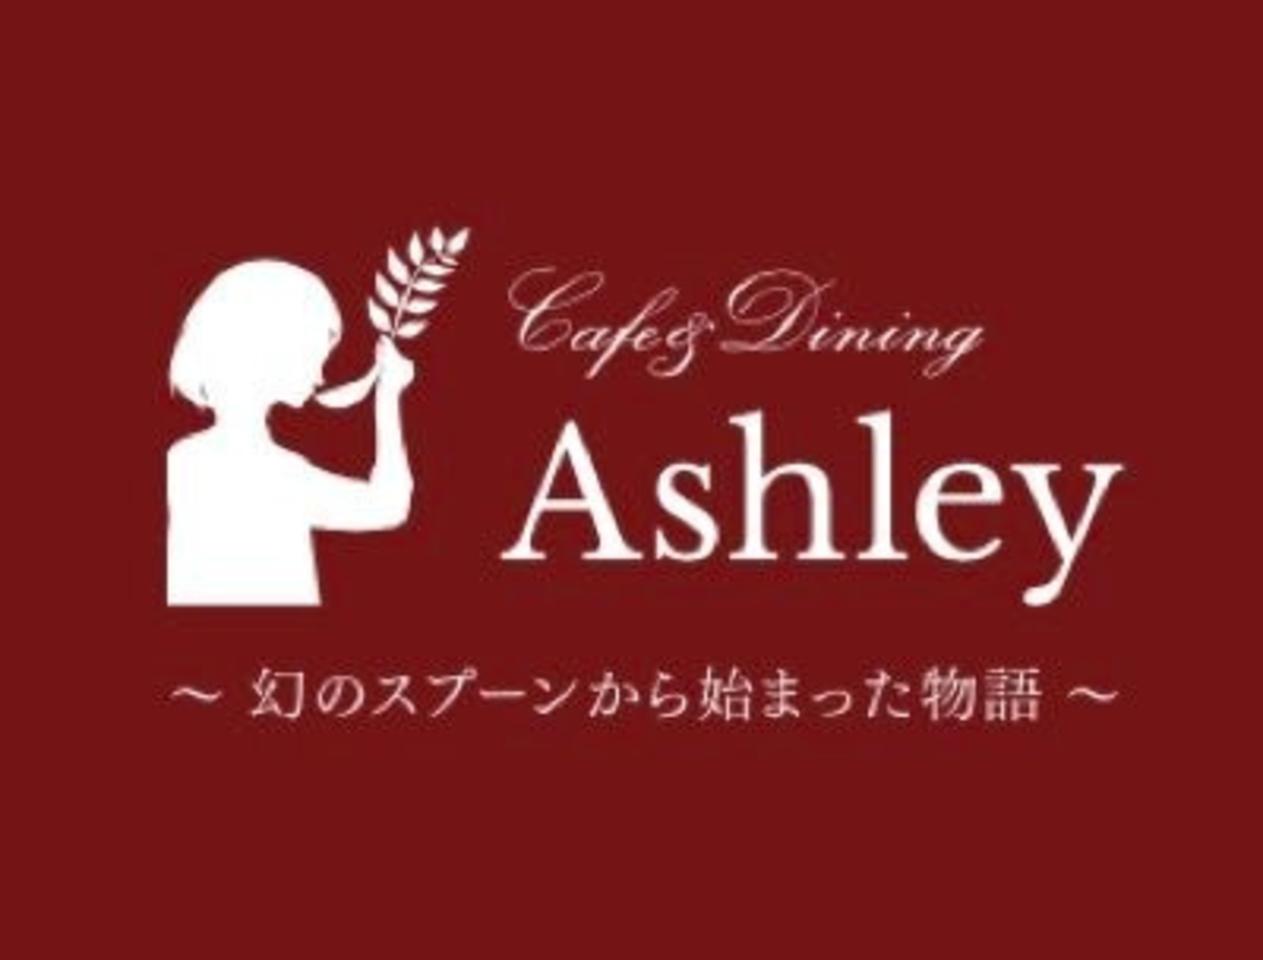 東京の吉祥寺駅北口近くにカフェ&ダイニング「アシュリー」本日グランドオープンのようです。